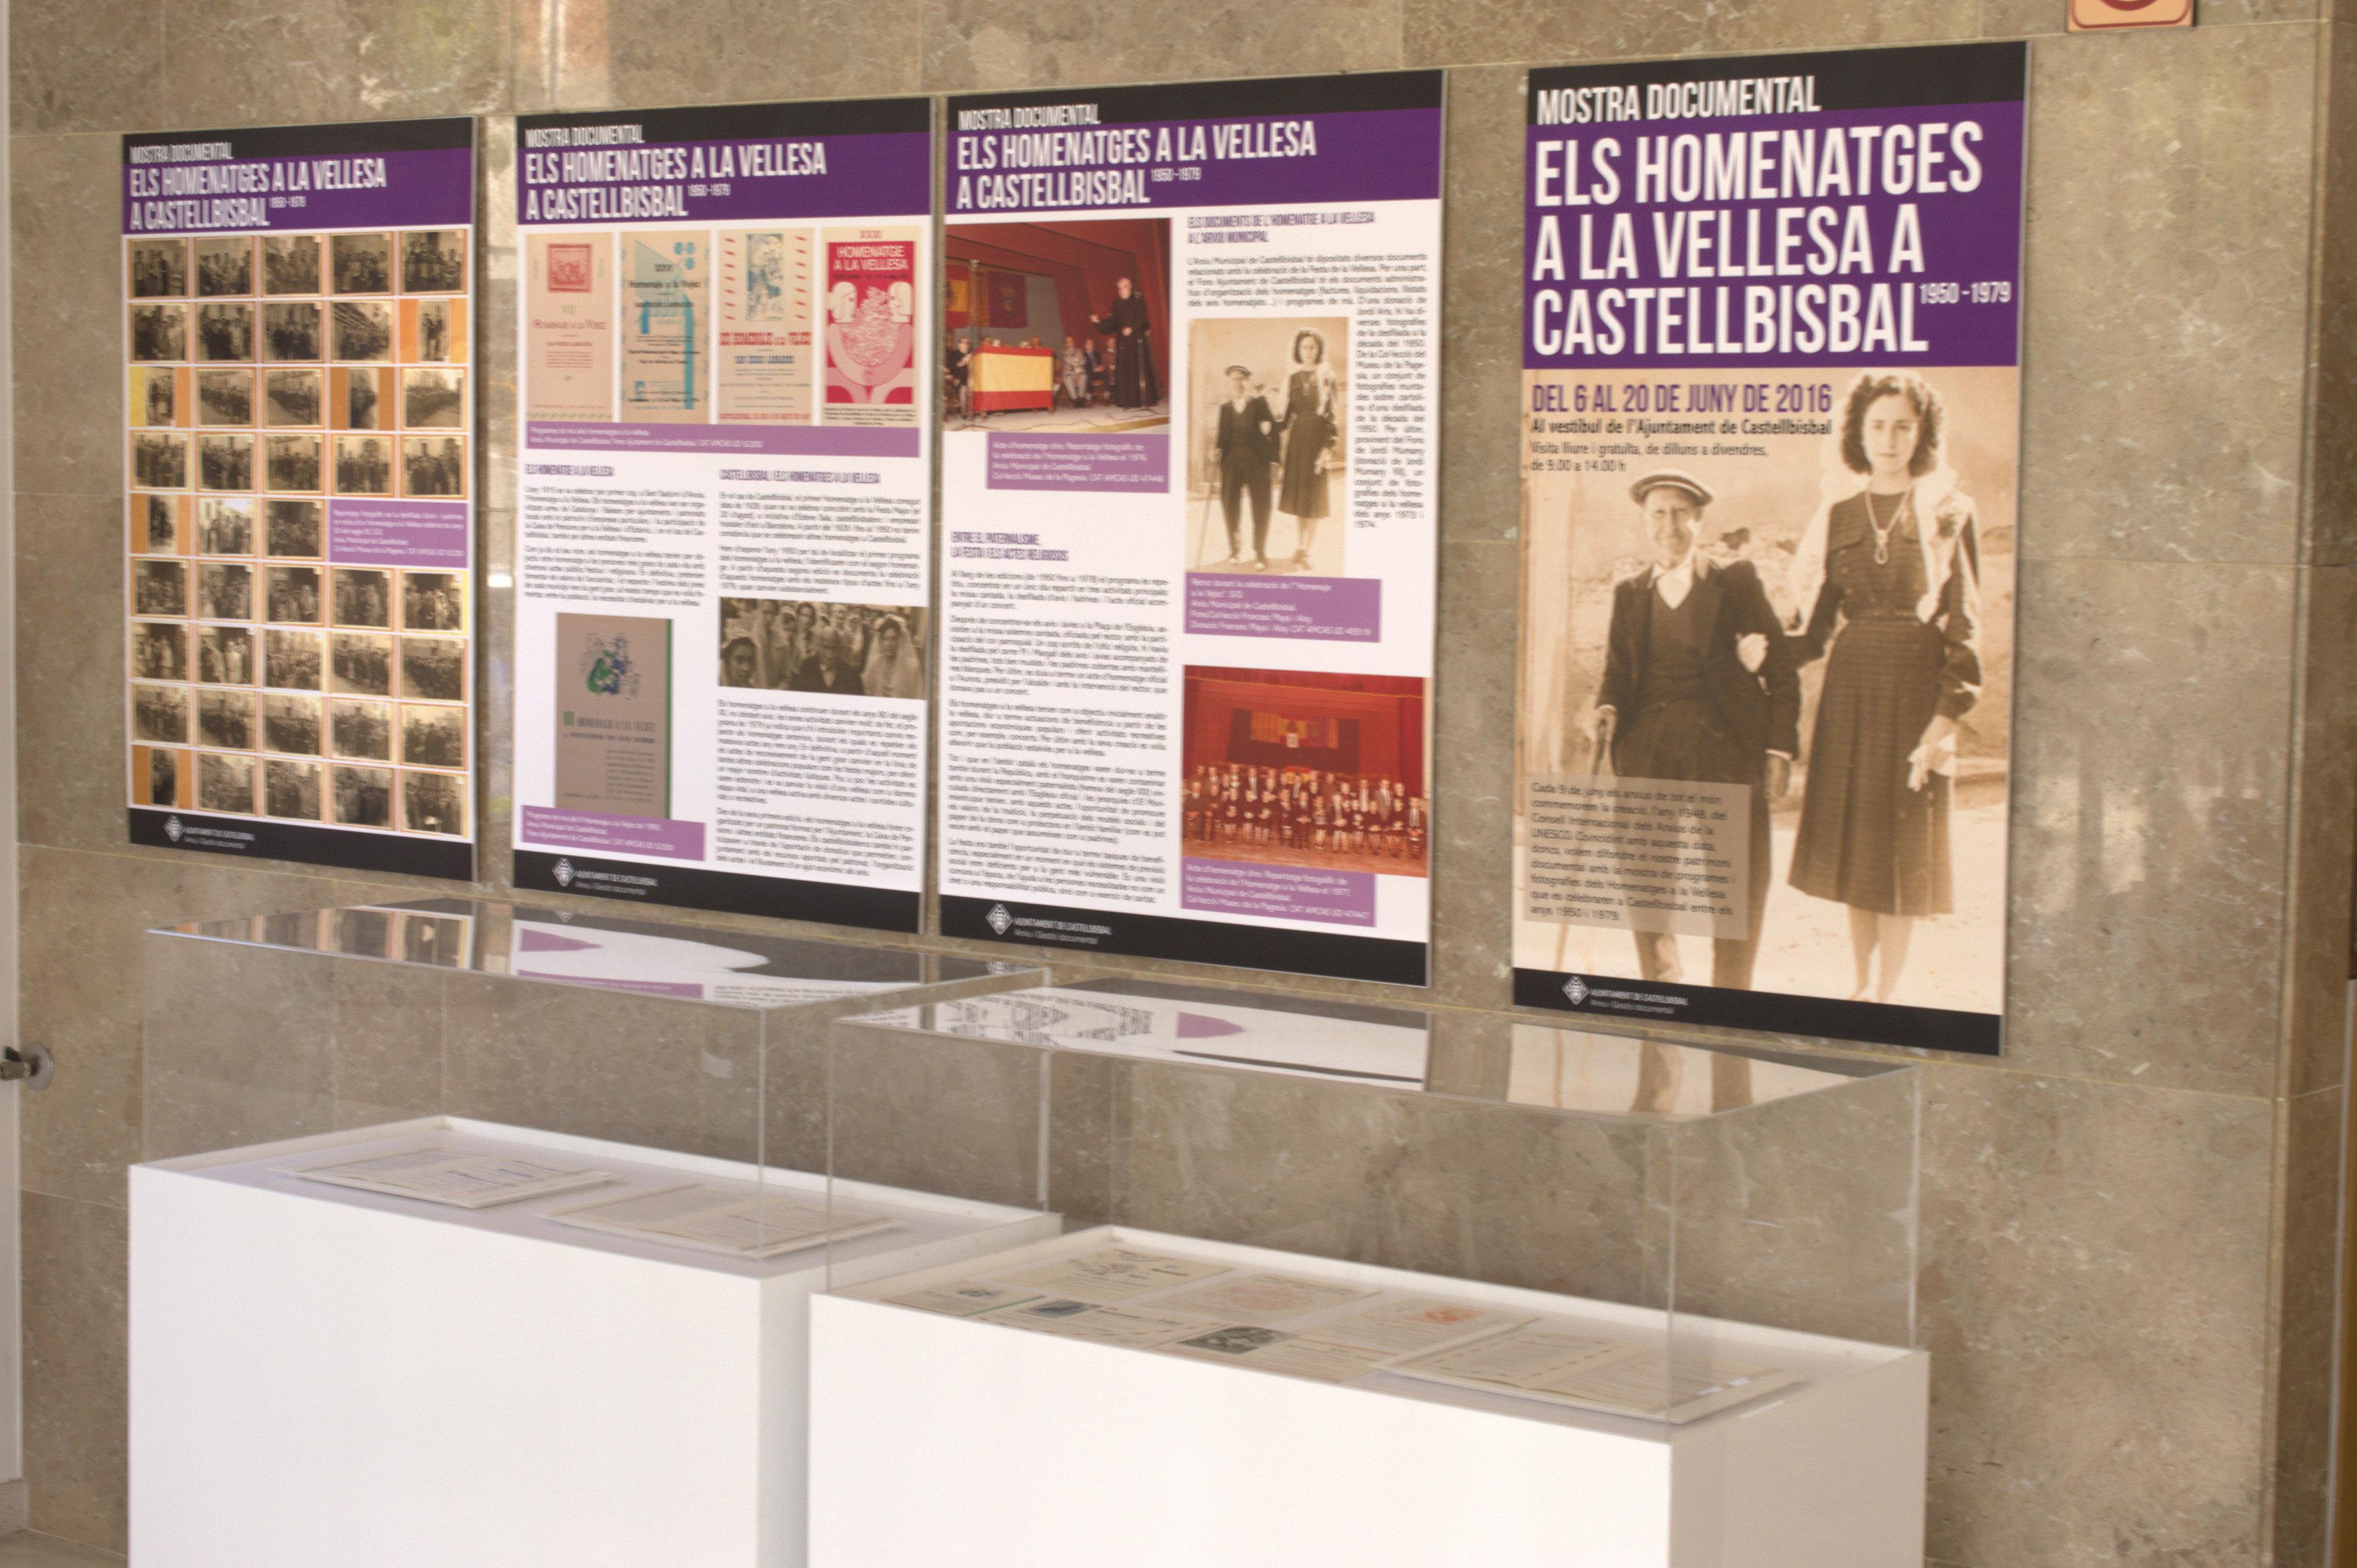 Aquesta setmana l'Ajuntament organitza una mostra documental | Isaac Álvarez